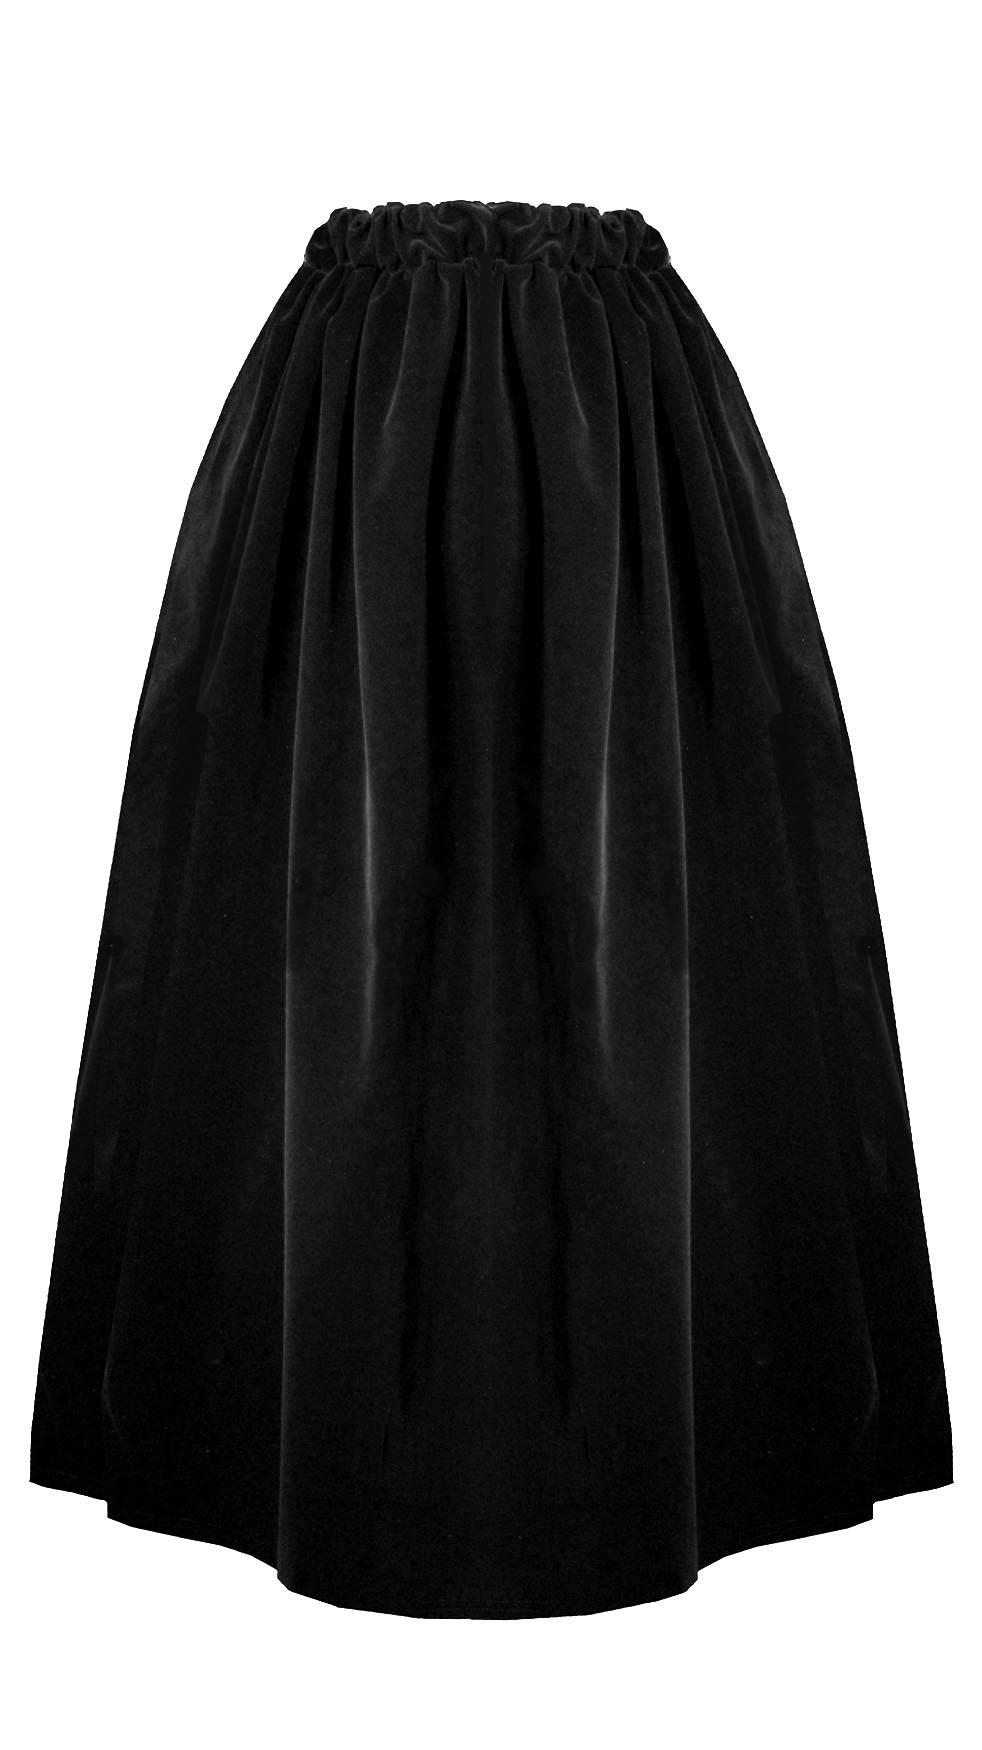 Victorian Valentine Steampunk Gothic Civil War Velvet Bustle Skirt (Black) by Cykxtees (Image #2)